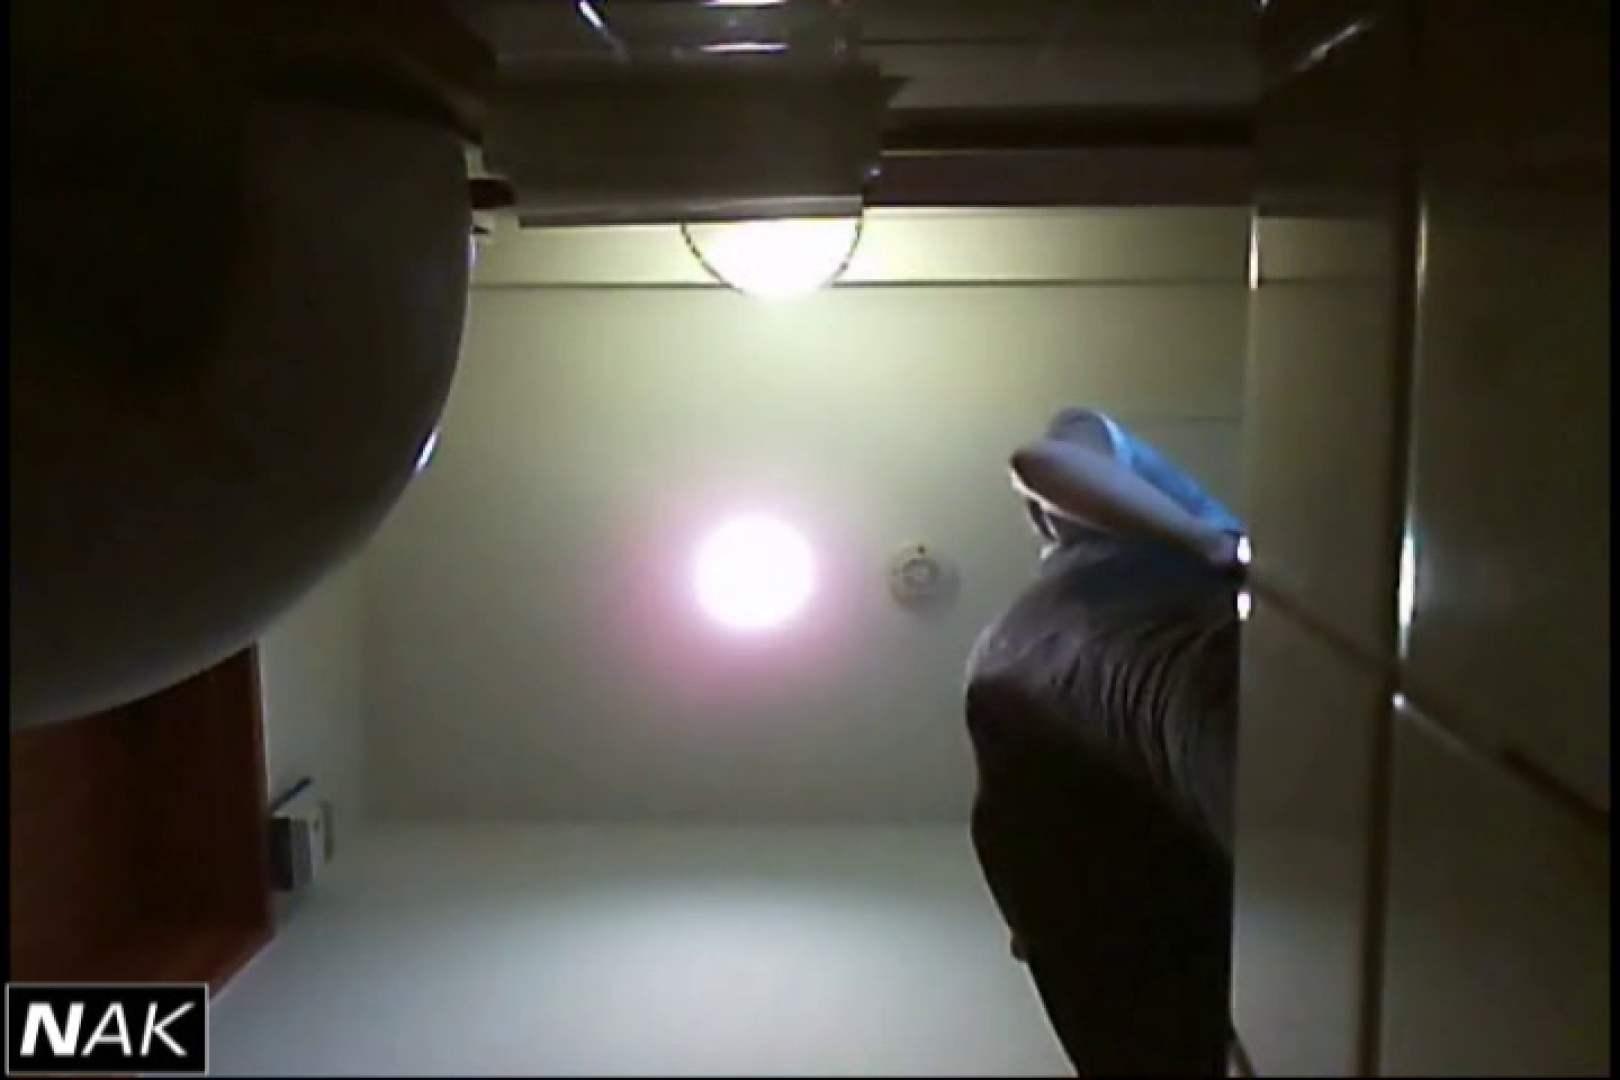 亀さんかわや VIP和式2カメバージョン! vol.14 オマンコ | 黄金水  58pic 35